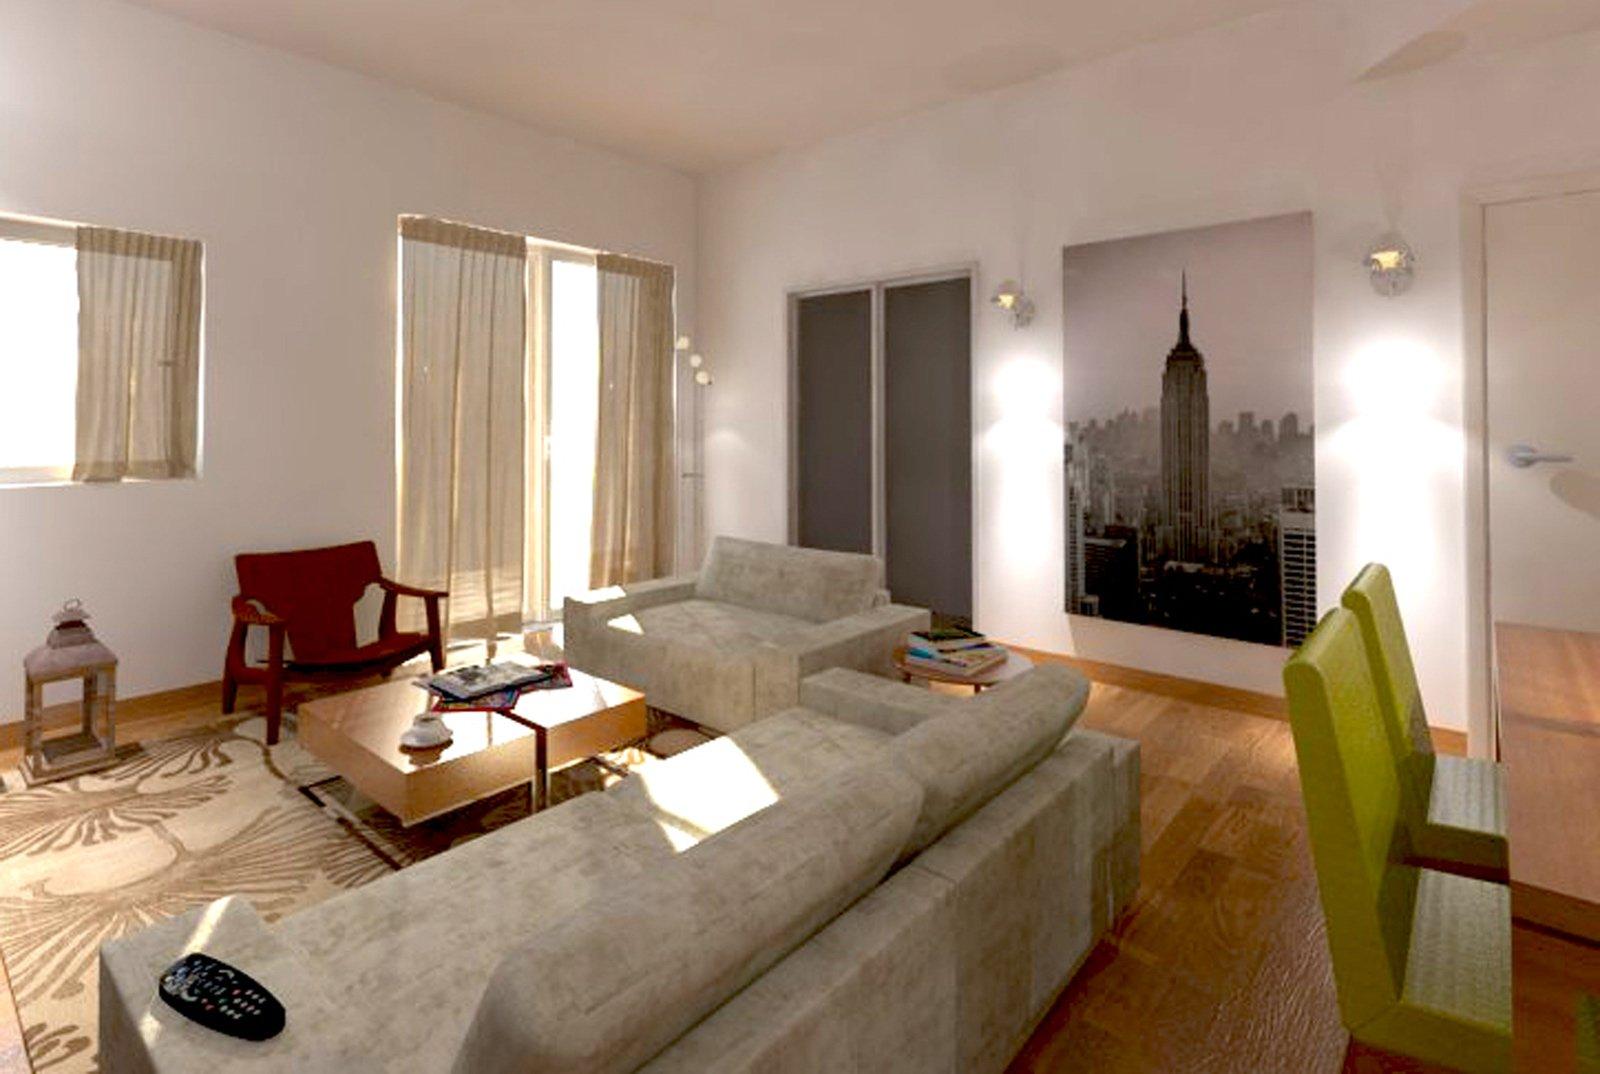 Divano luci e tavolo quale disposizione cose di casa - Luci soggiorno moderno ...